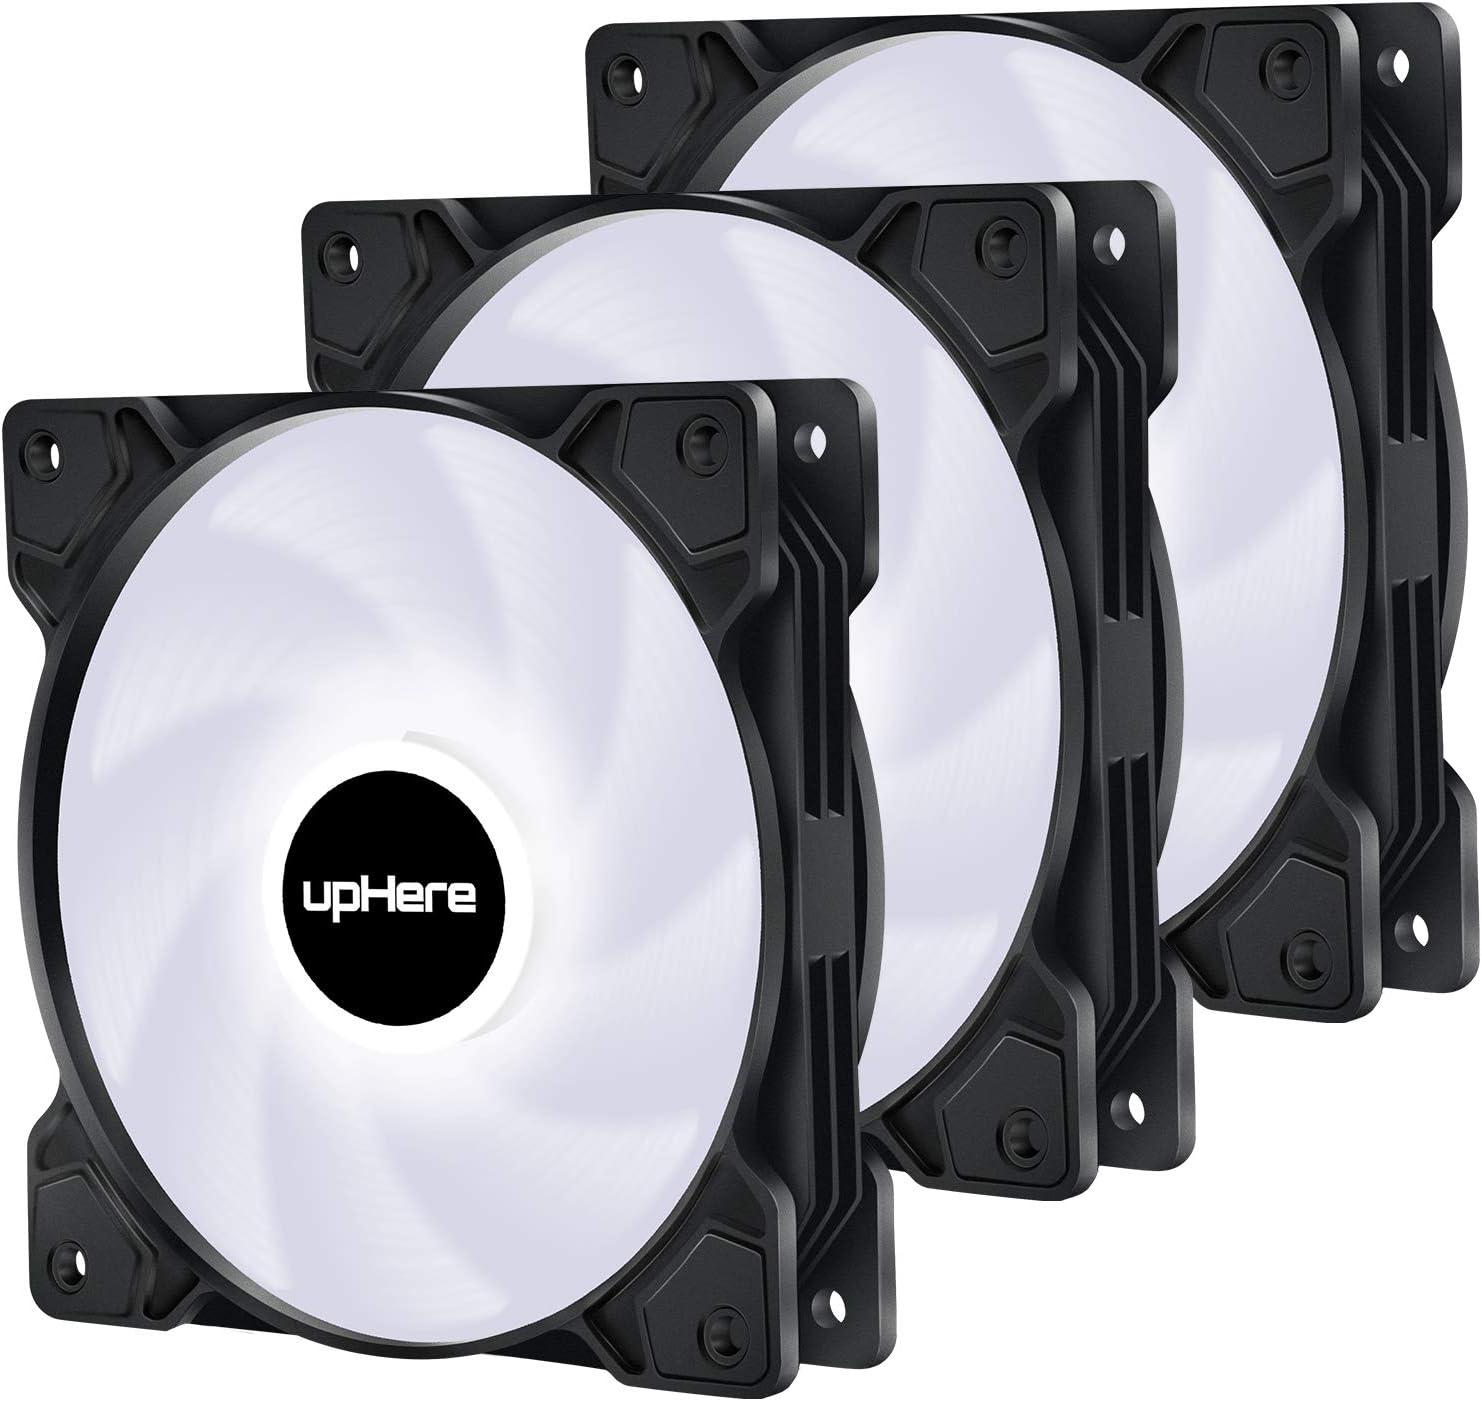 Uphere 3pin 120mm Led Weiß Silent Lüfter Für Computer Zubehör